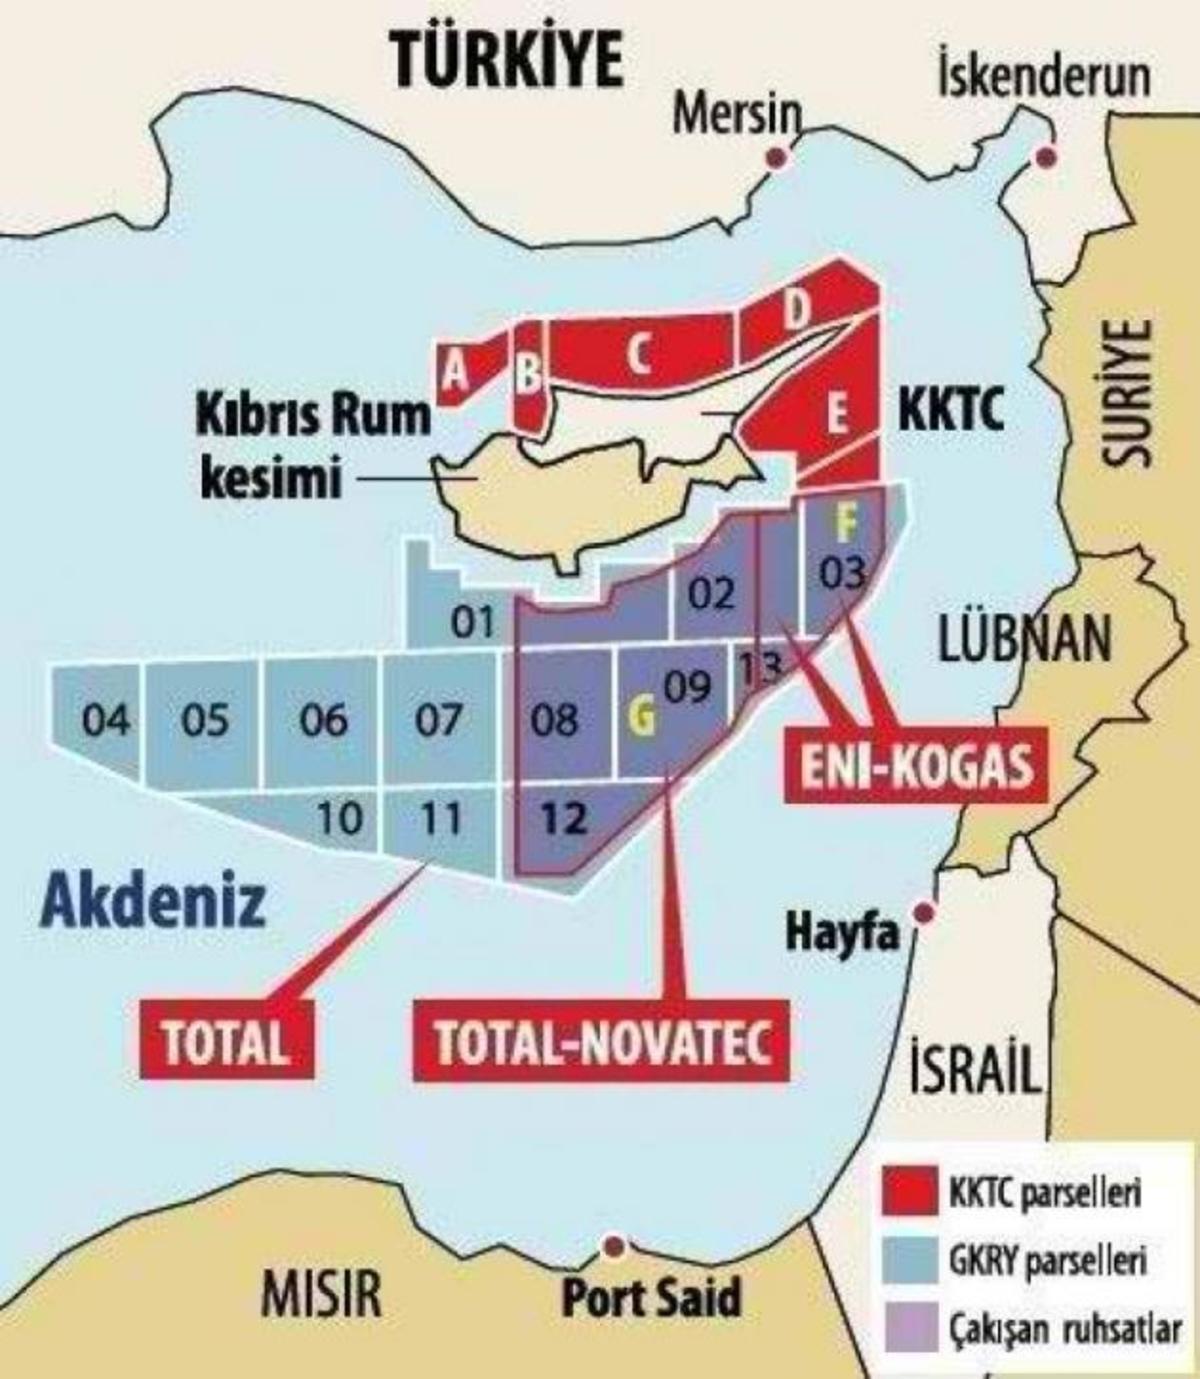 Χάρτης πανικού από την Τουρκία για τα κοιτάσματα στη Κύπρο | Newsit.gr